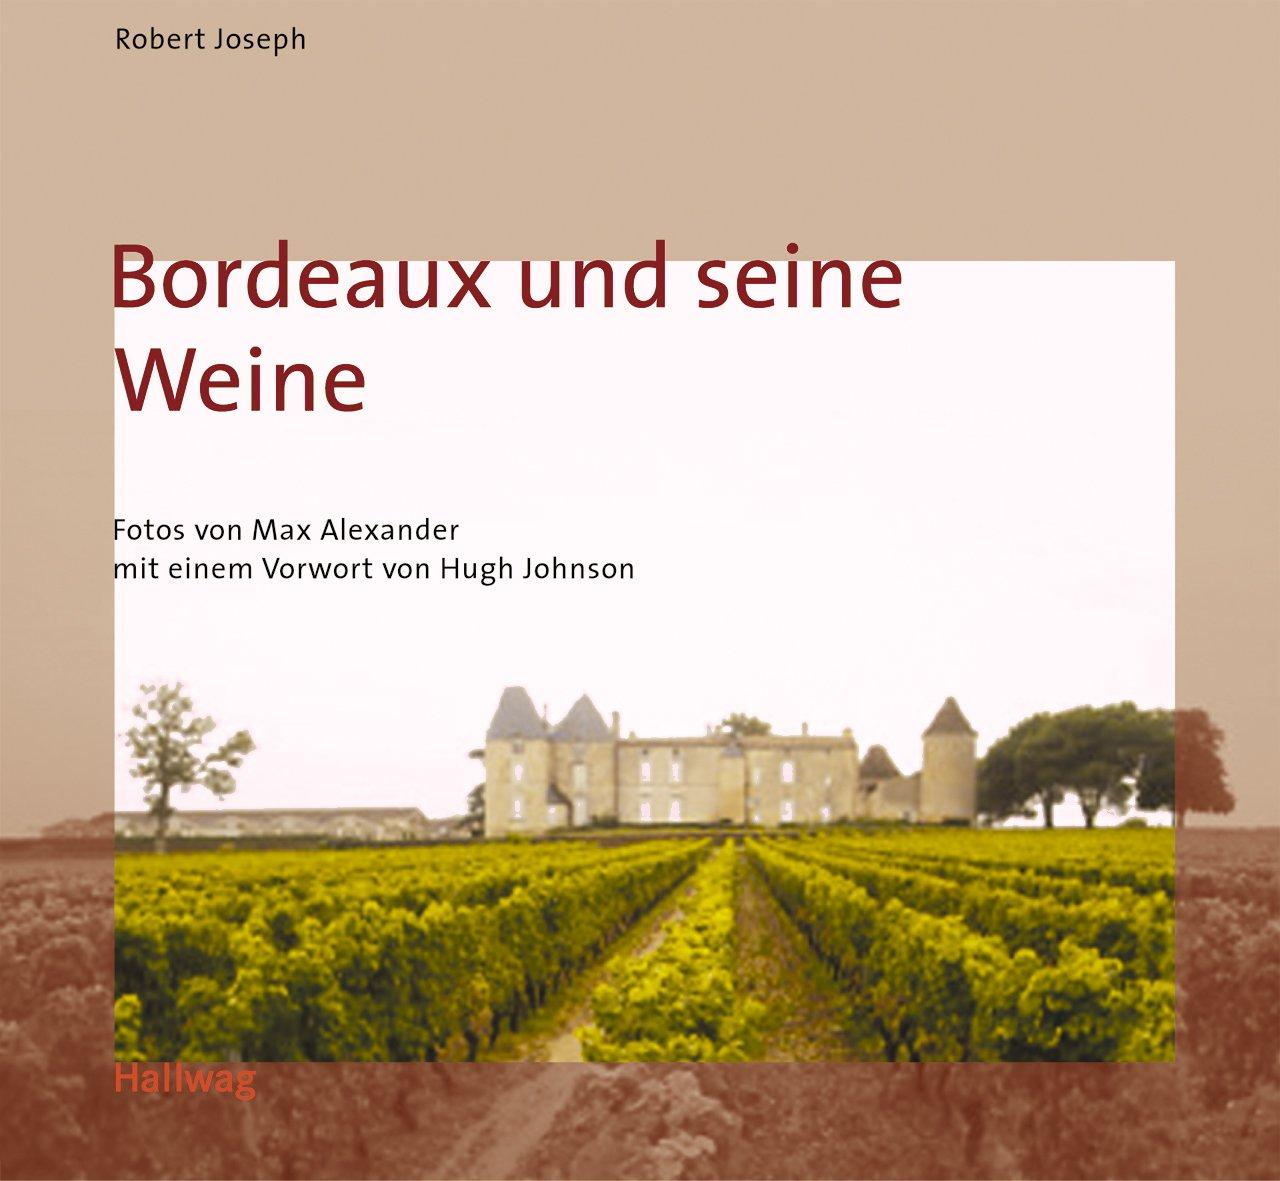 Bordeaux und seine Weine Klassische Weinregionen (Hallwag Klassische Weinregionen)